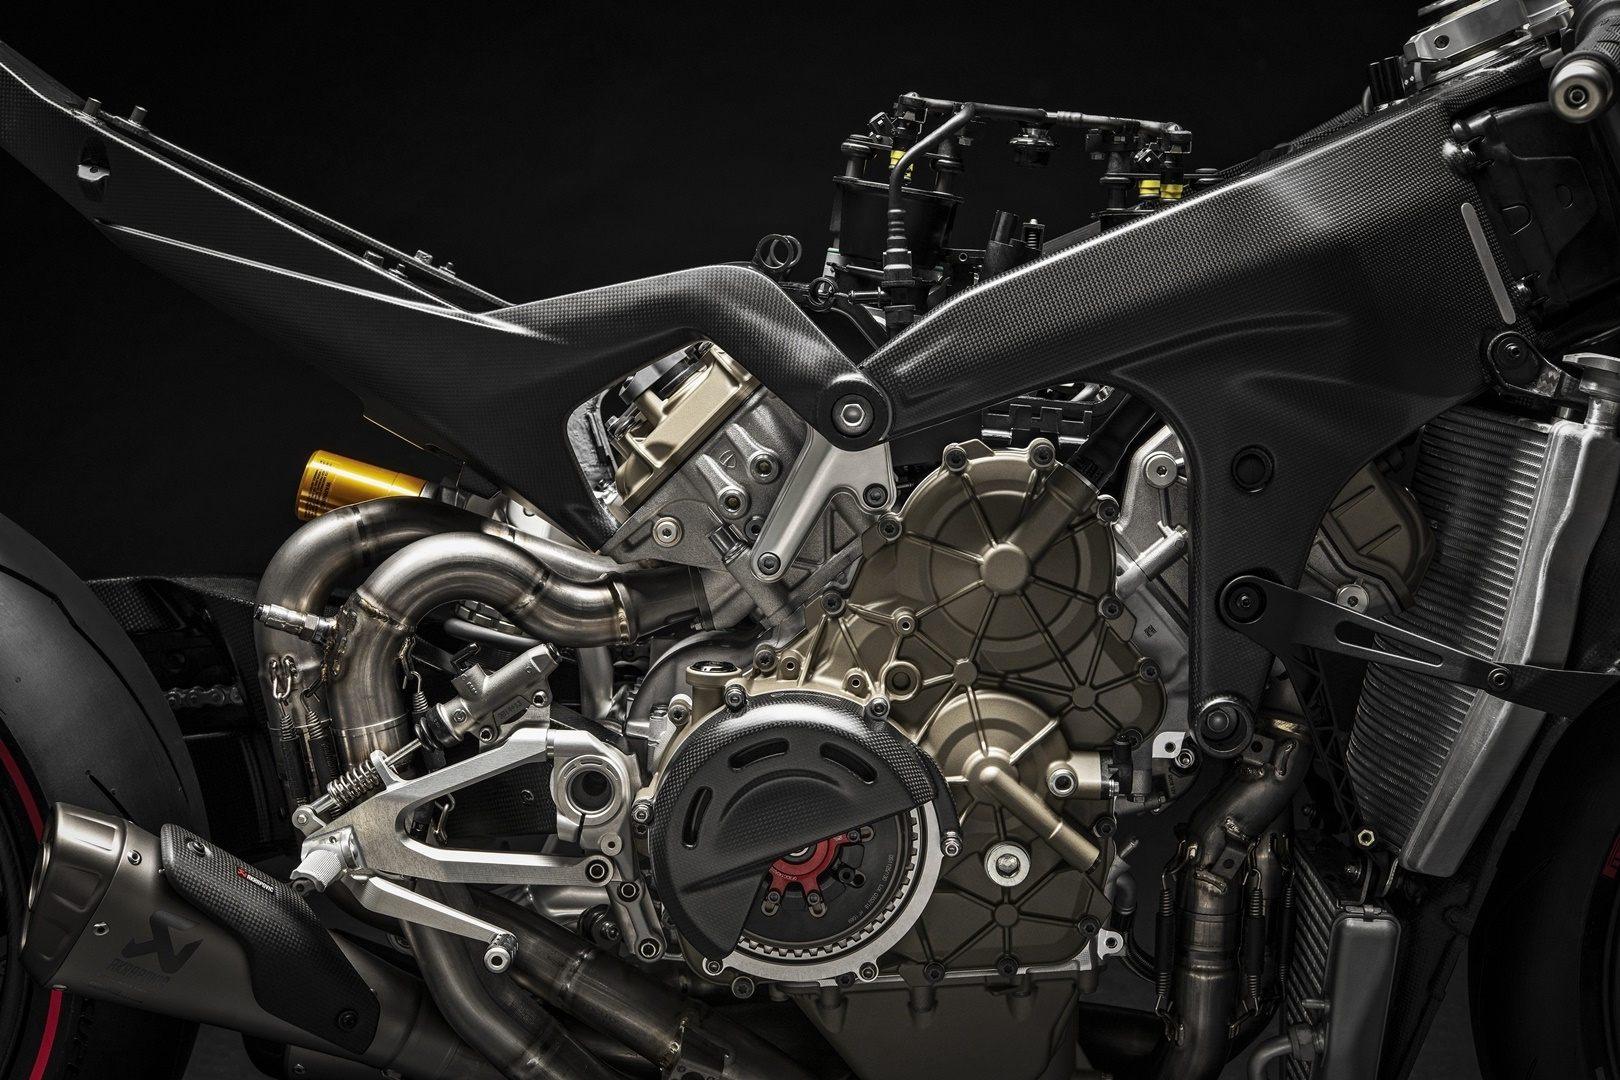 16 Ducati Superleggera V4 UC145972 Mid